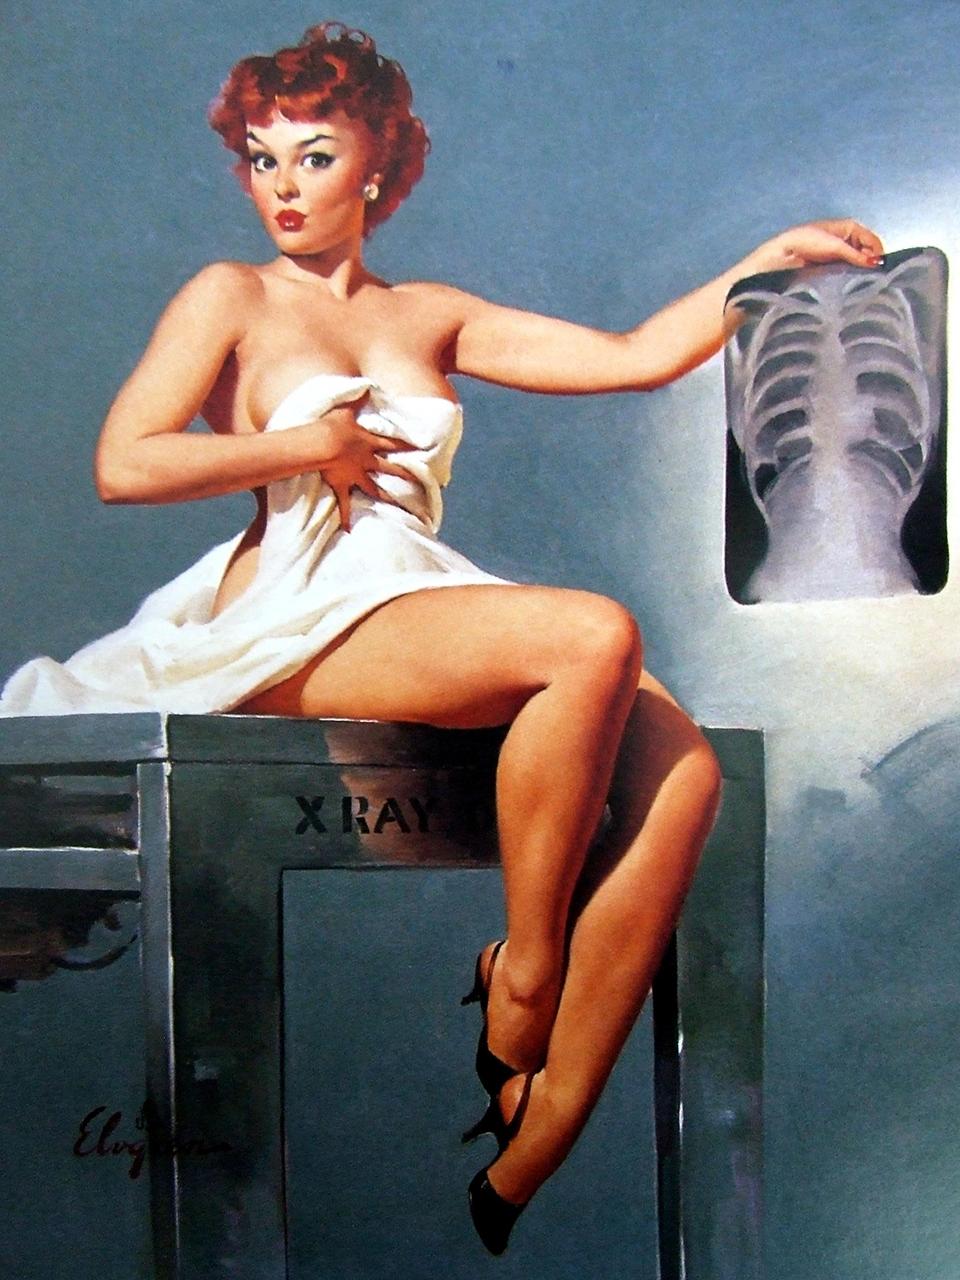 Постер на подрамнике Джил Элвгрен: Inside story